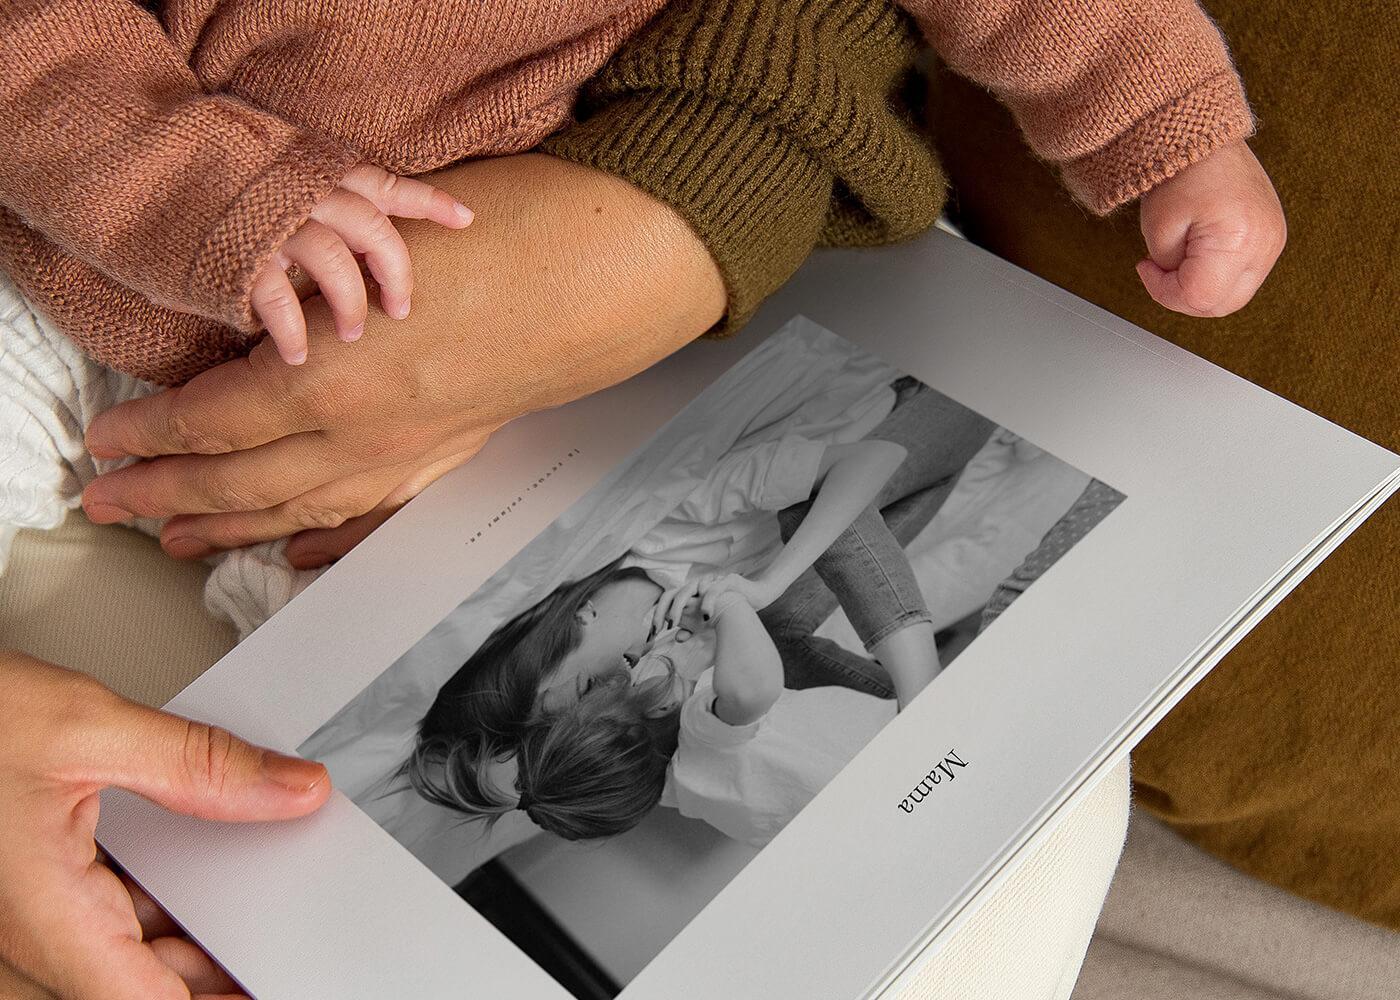 Innocence - Souvenirs - Impression album photo - Fête des mères - Offrir - Cadeau